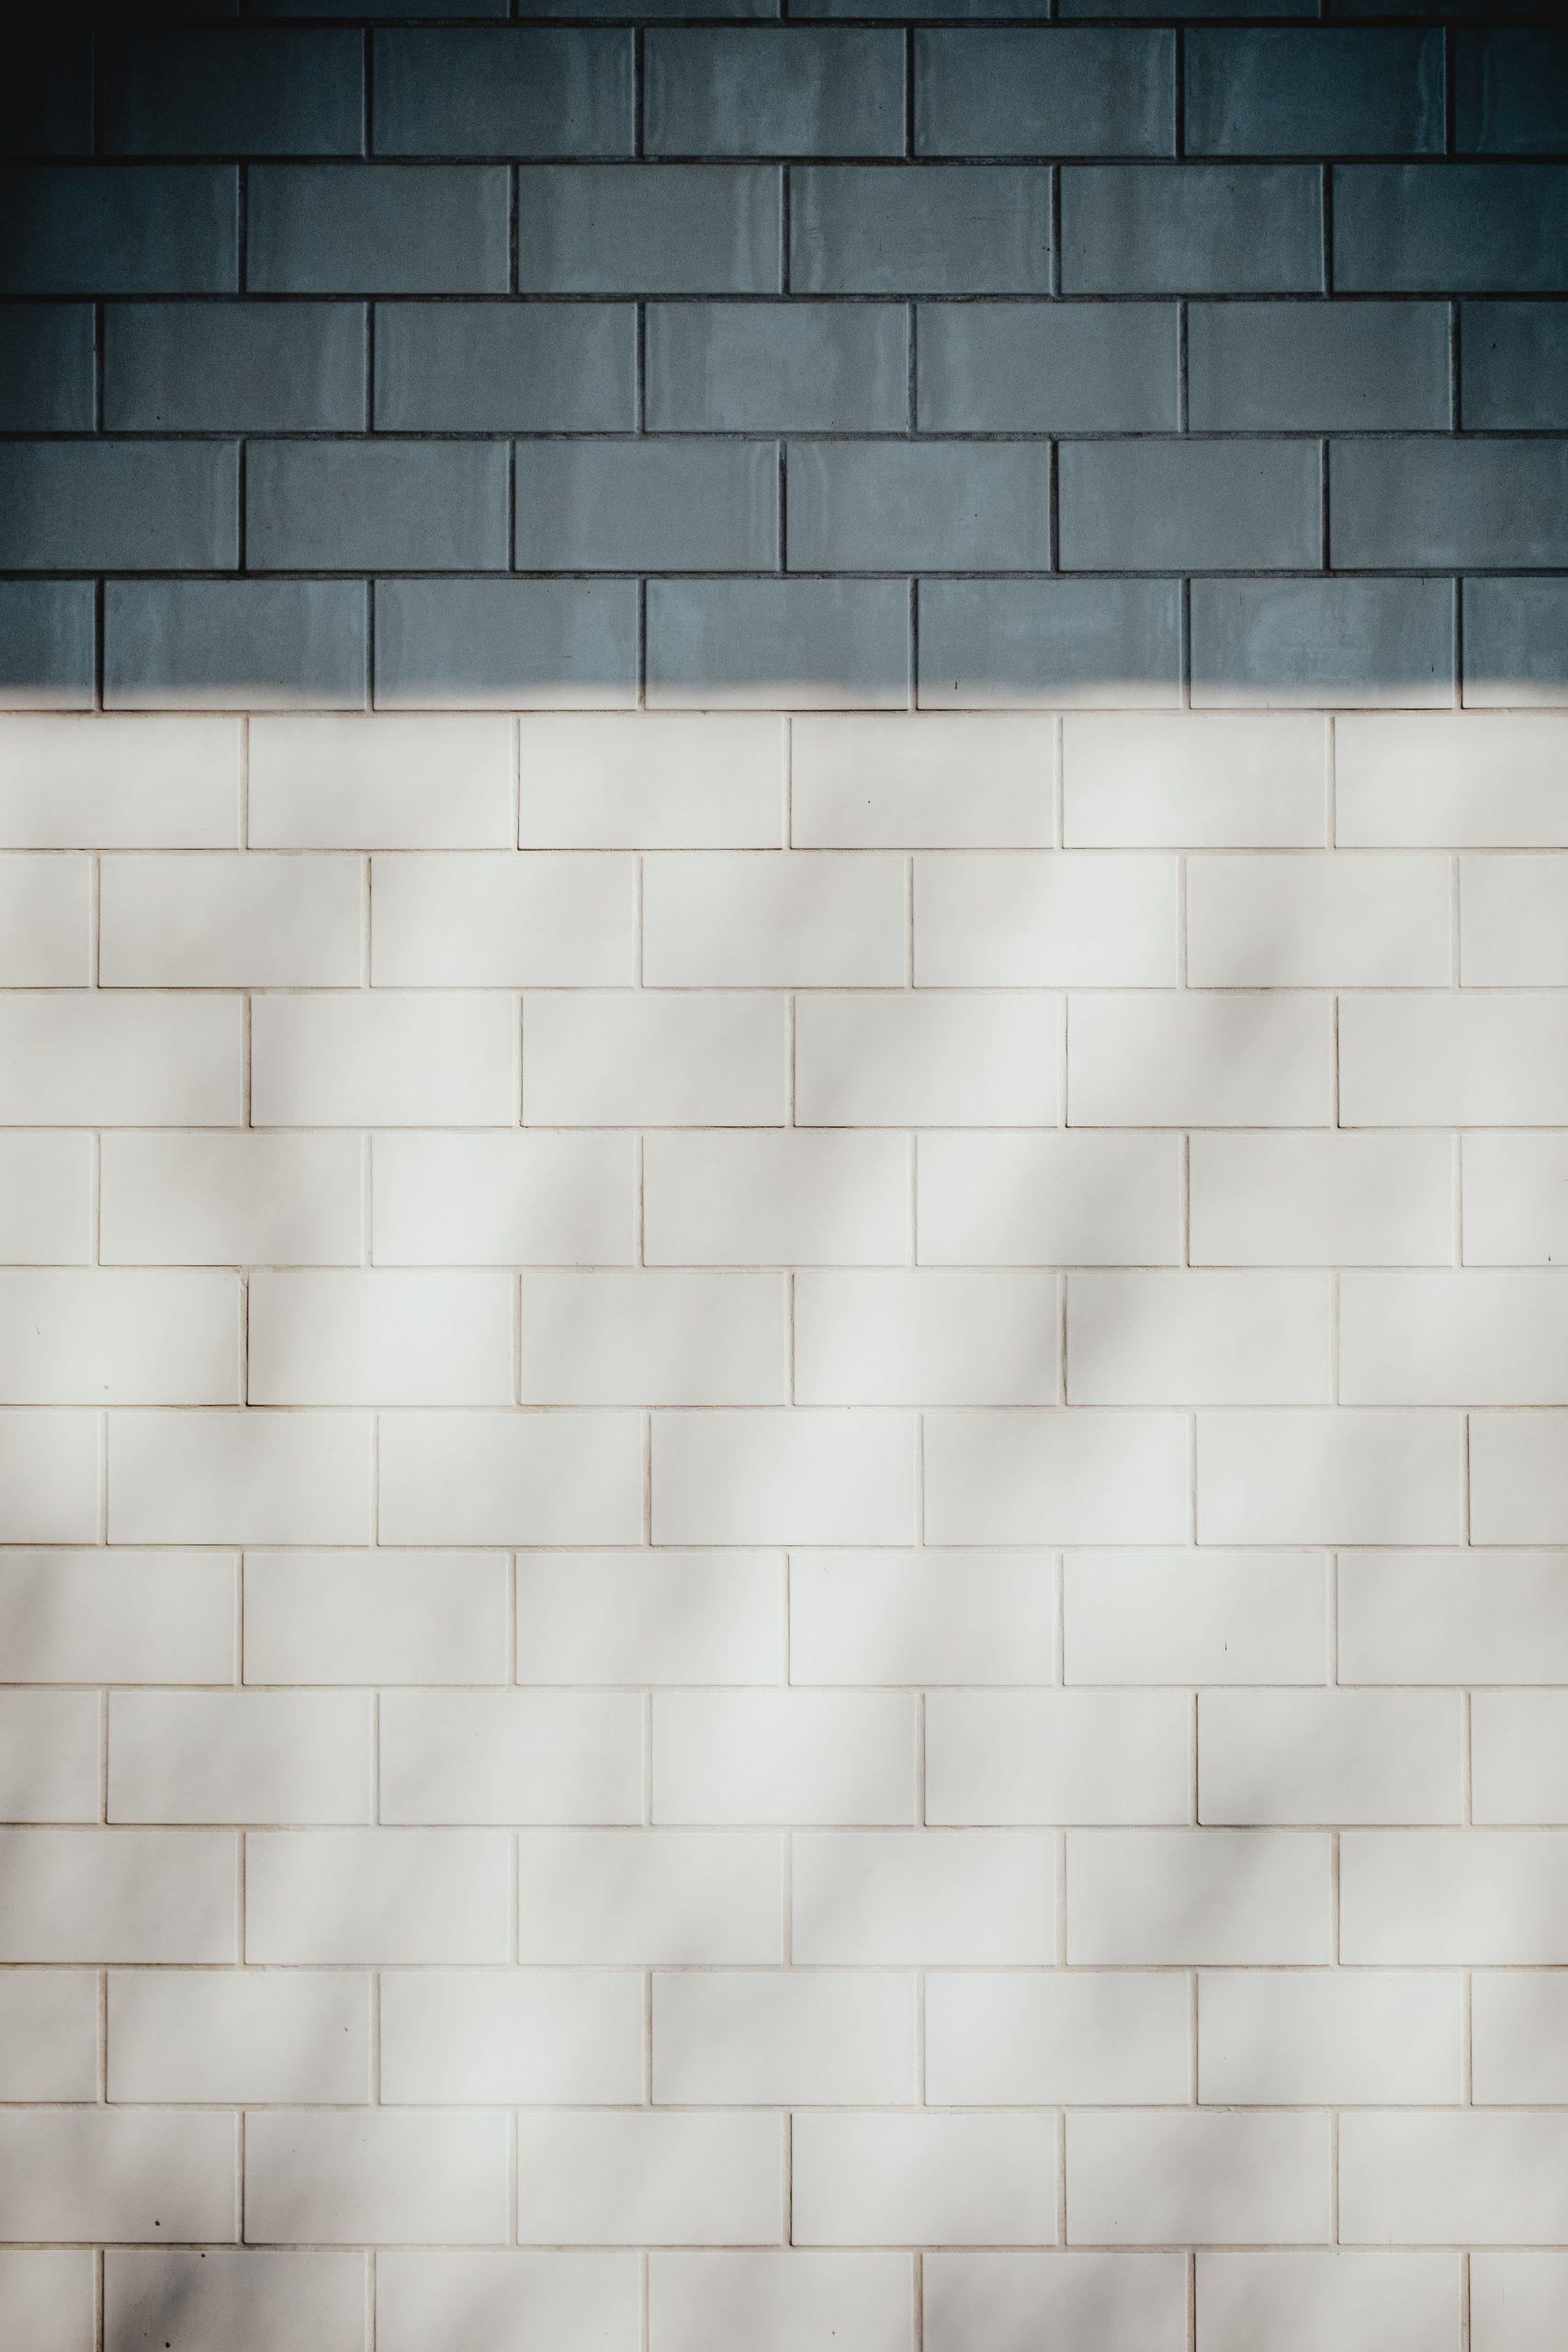 W jaki sposób ułożyć płytki ceramiczne na ścianie